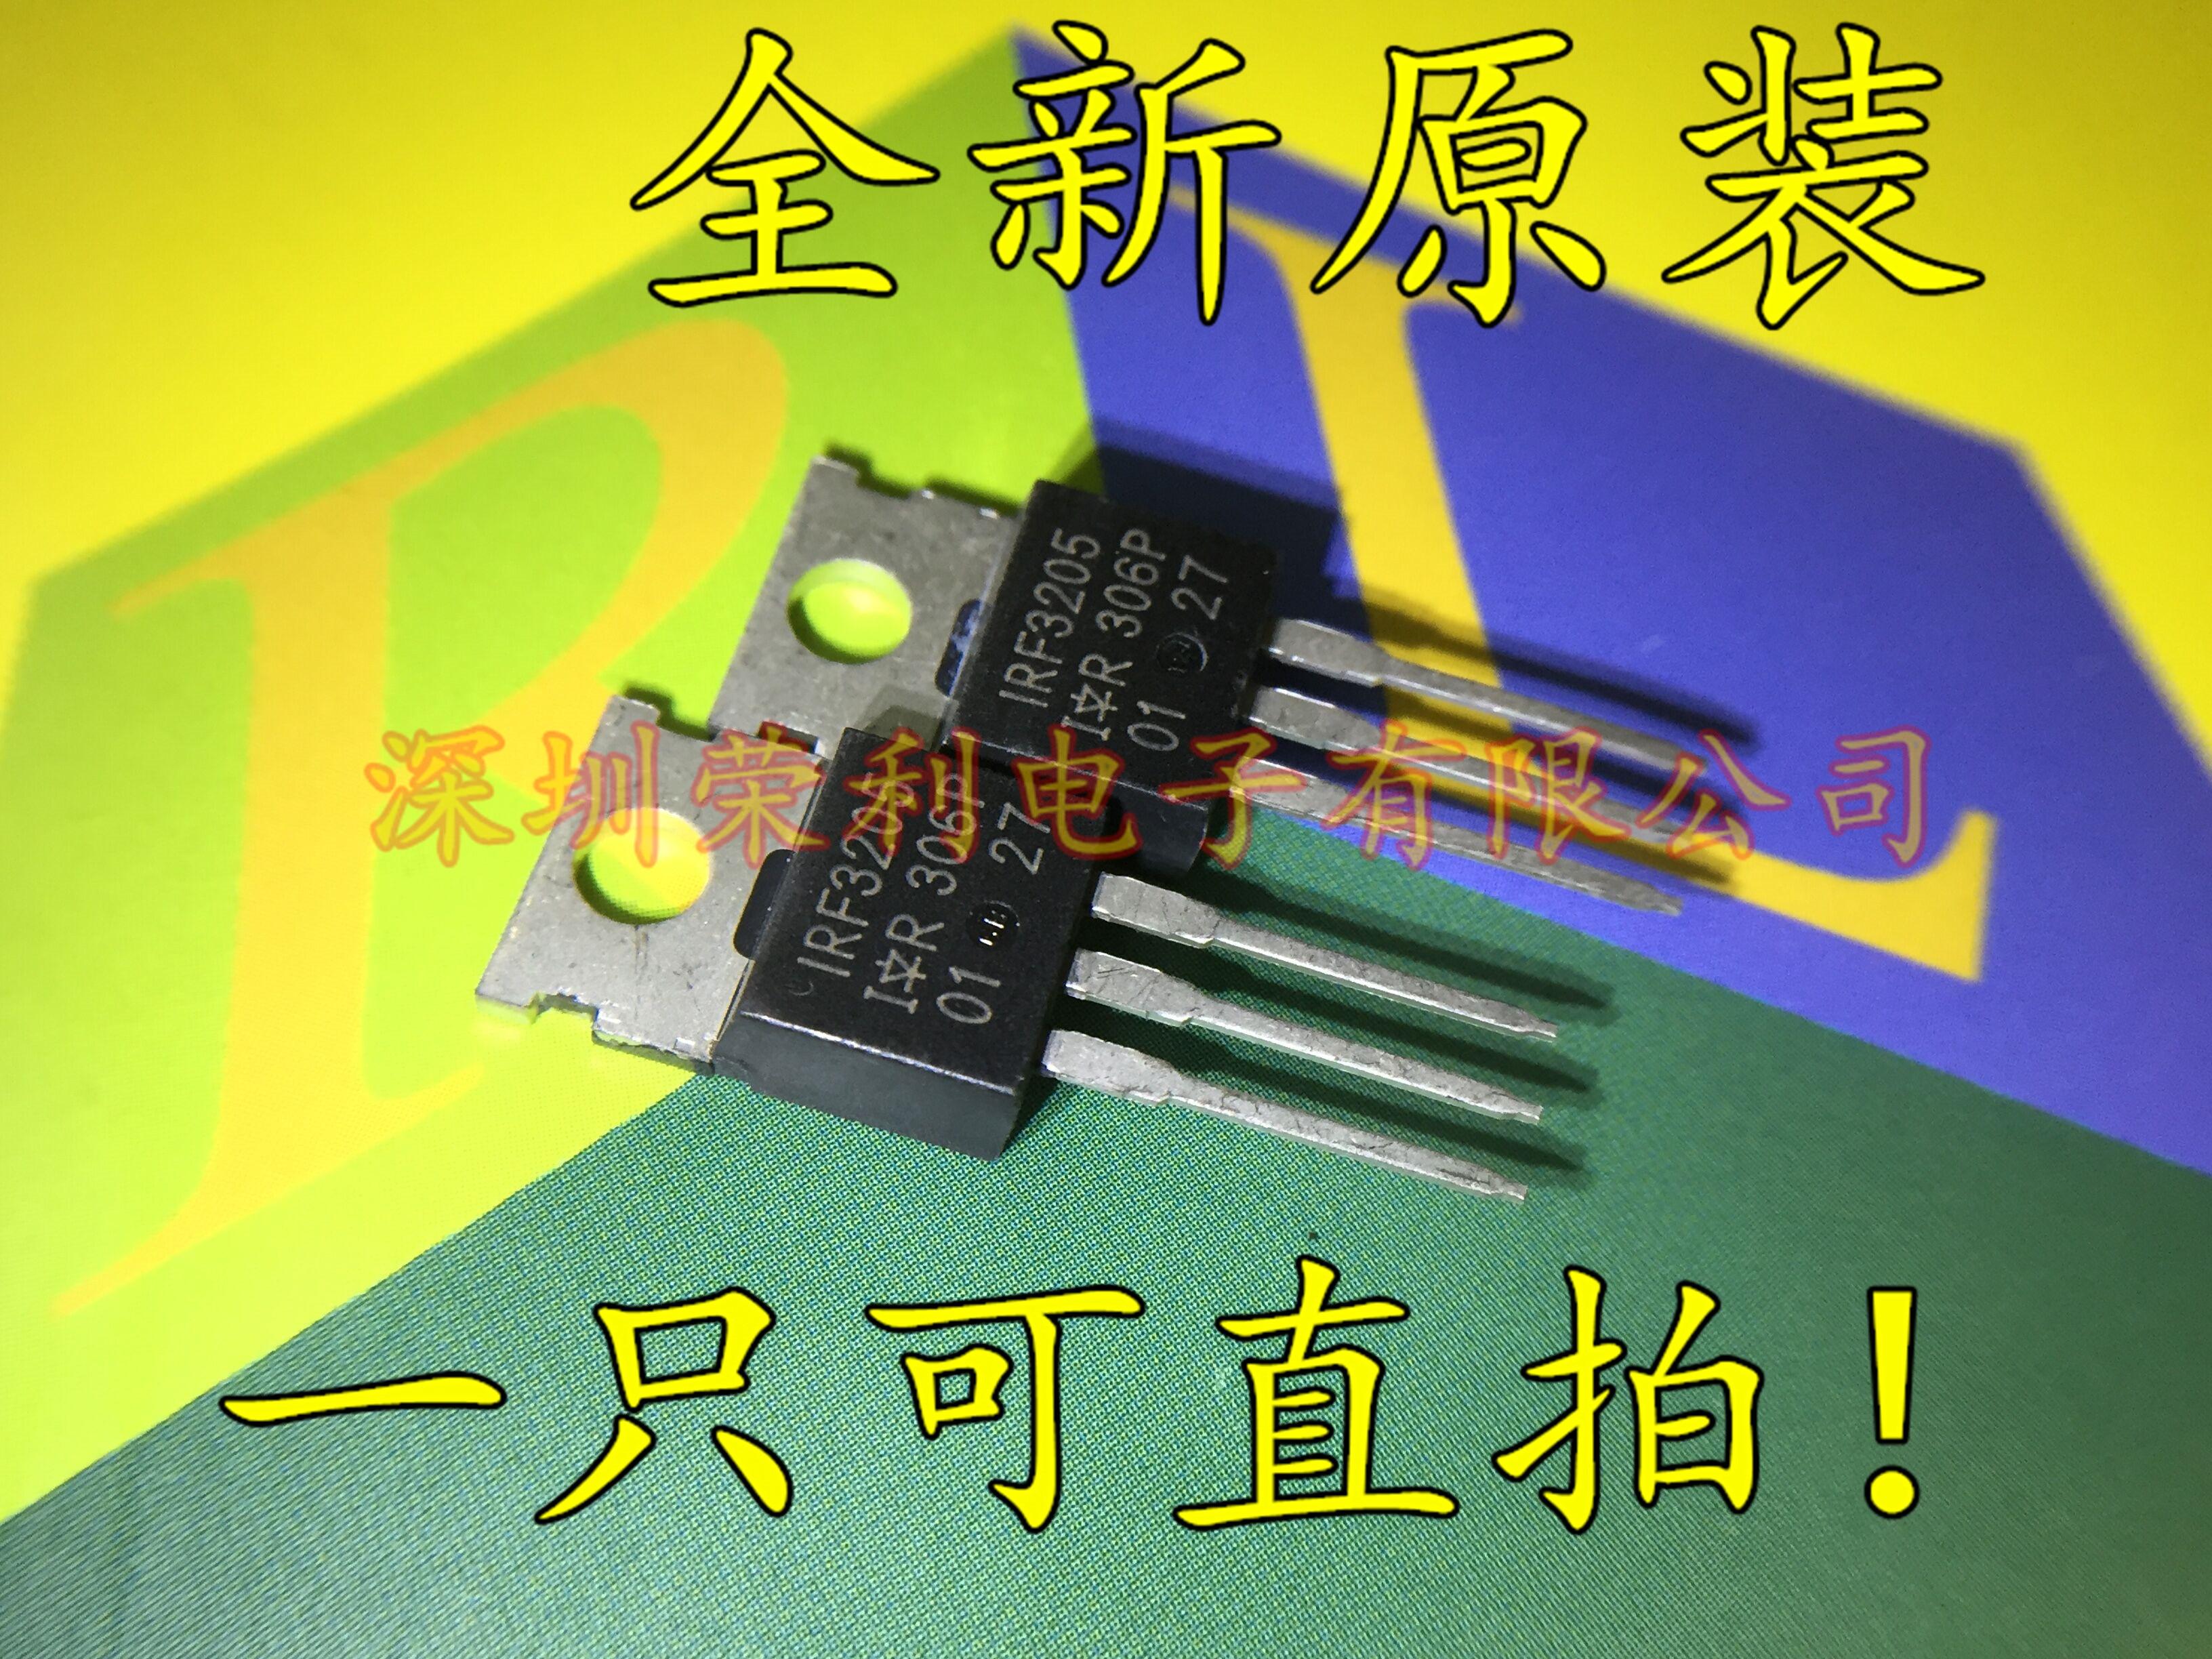 схема лампы с драйвером xl8002e1